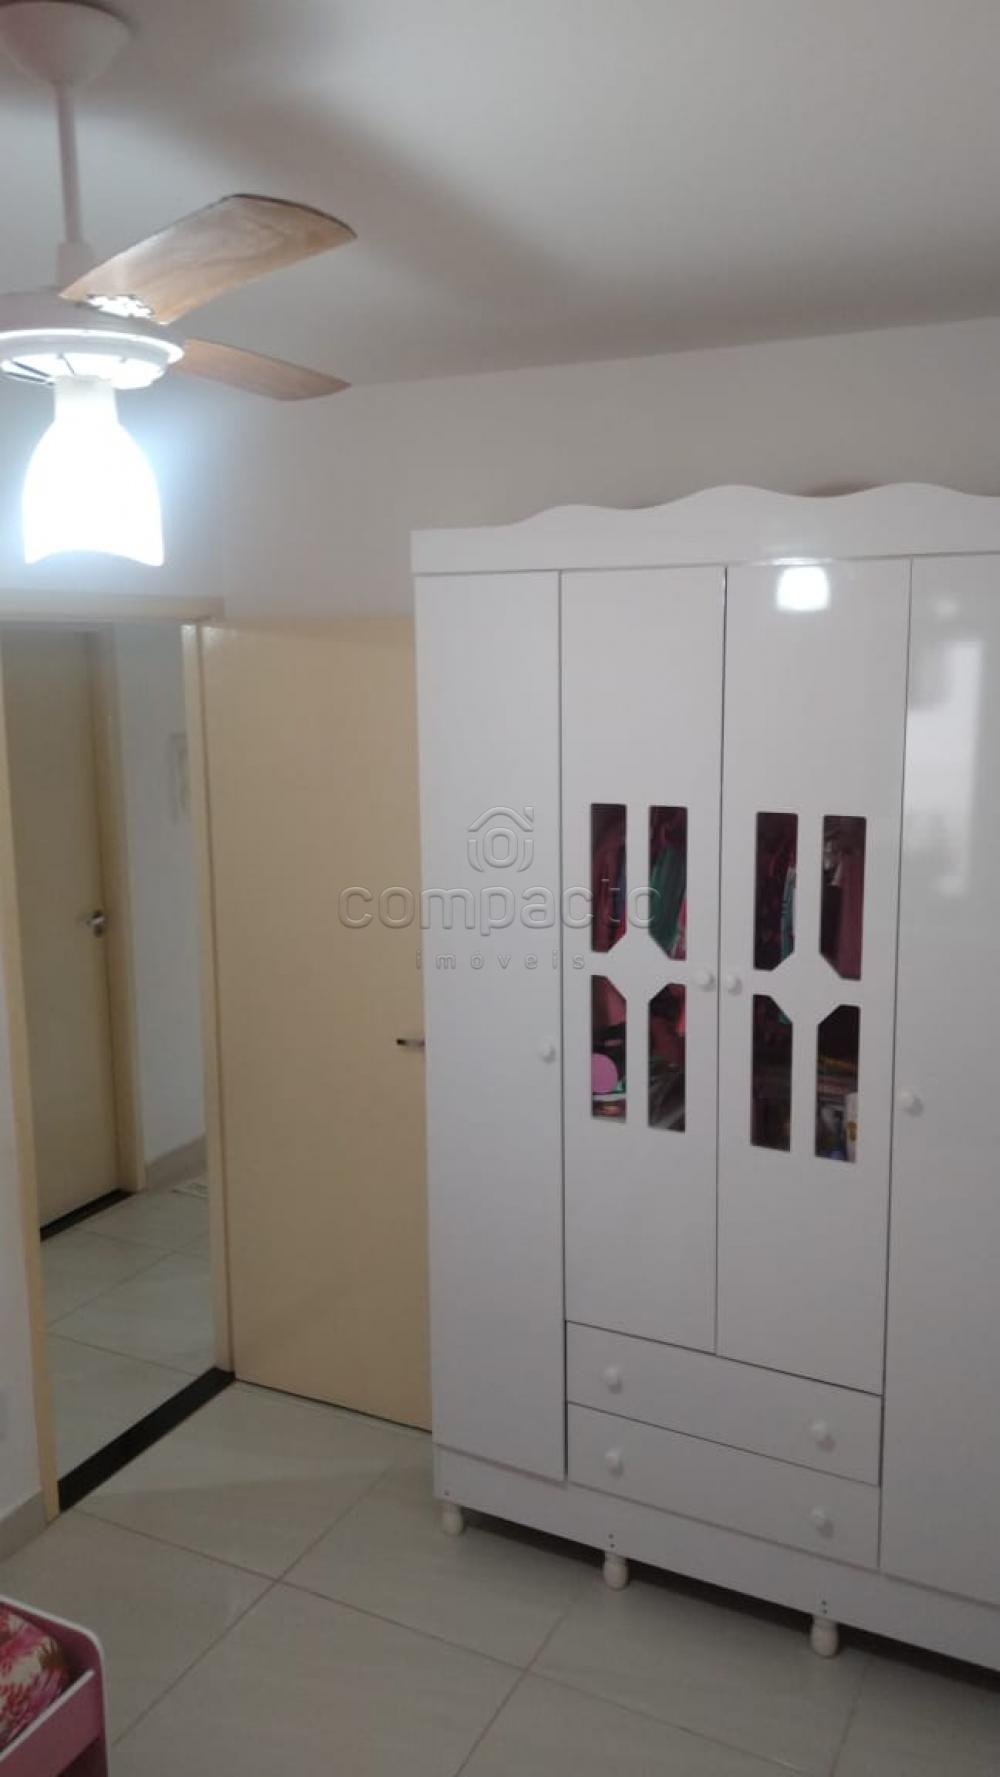 Comprar Casa / Condomínio em São José do Rio Preto apenas R$ 180.000,00 - Foto 14